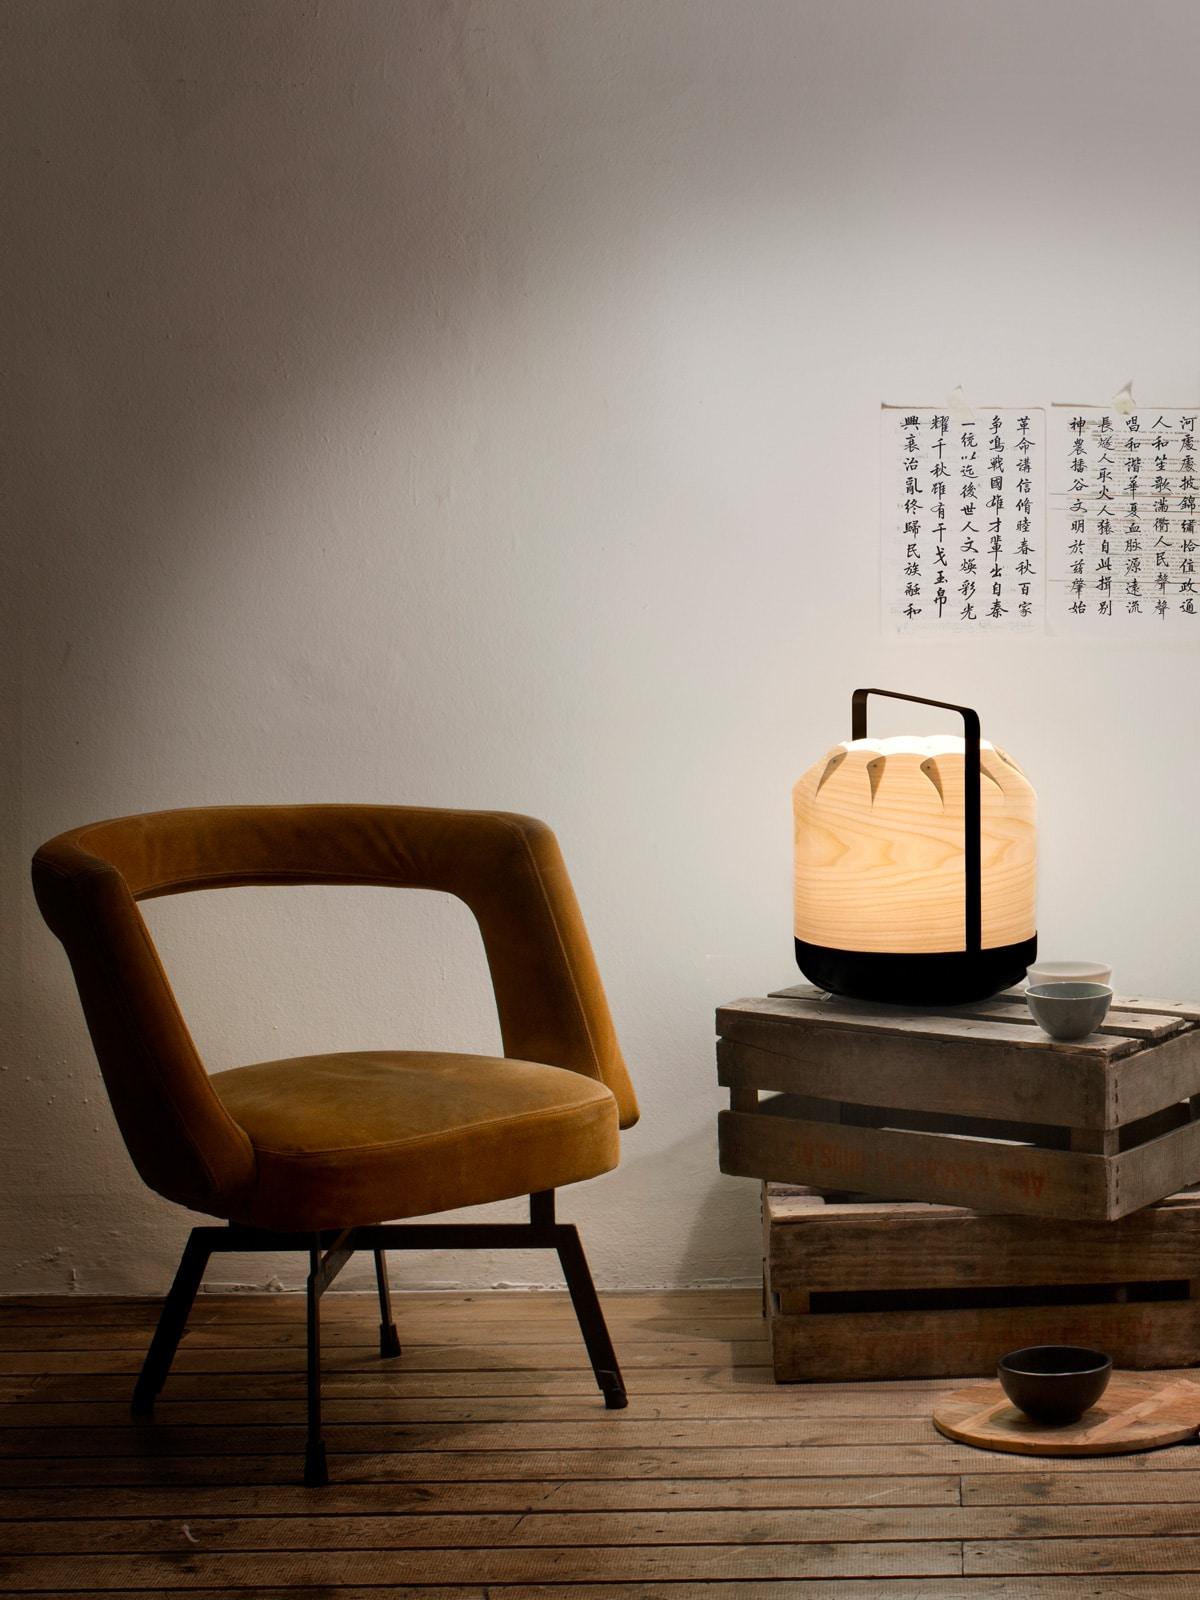 DesignOrt Blog: Asiatisches Design trifft Europa Chou Leuchte von LZF Lamps